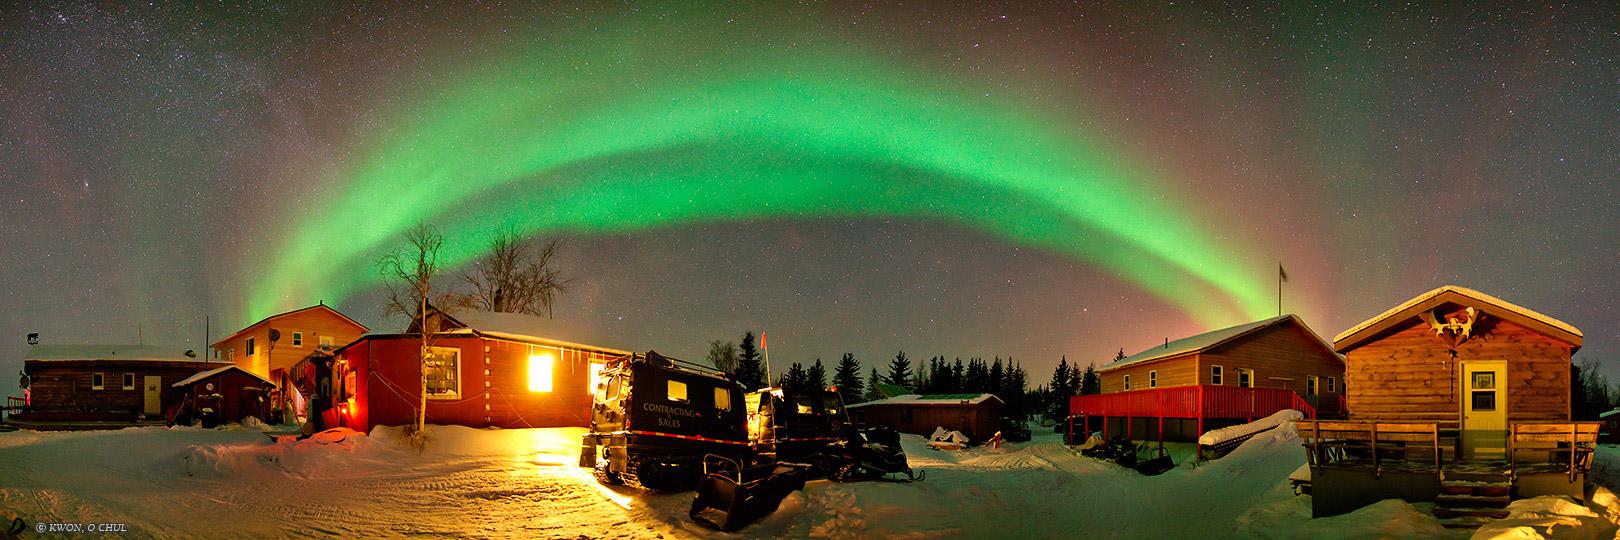 Green Belt Northen Lights